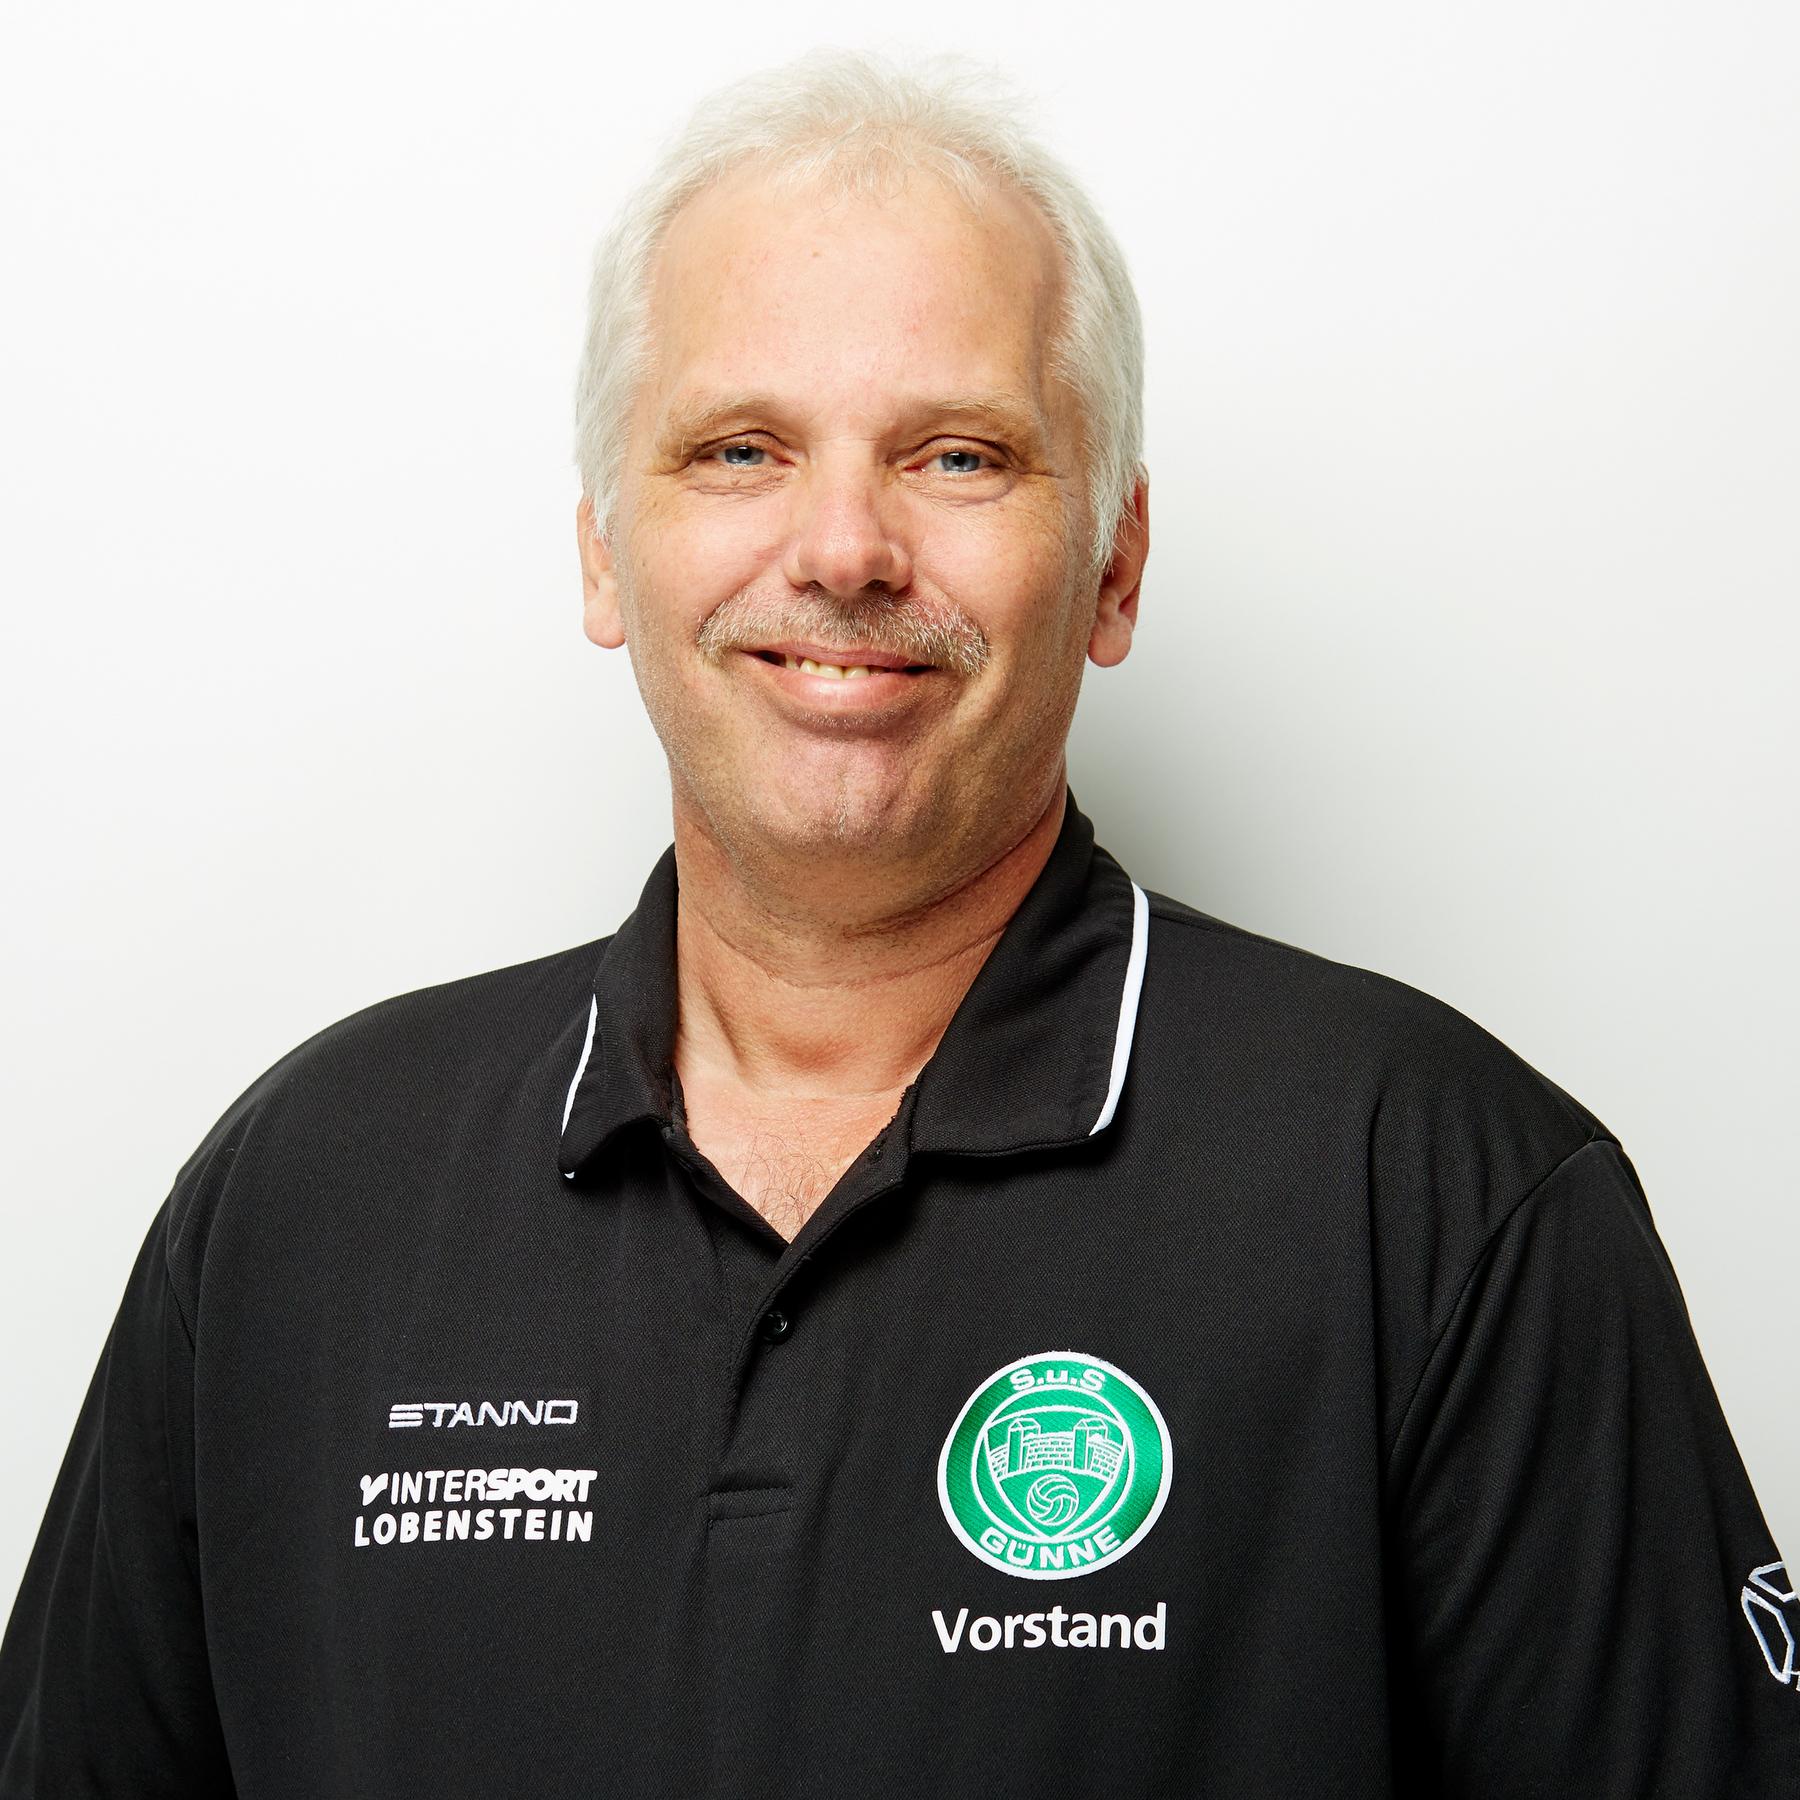 Detlef Köhler